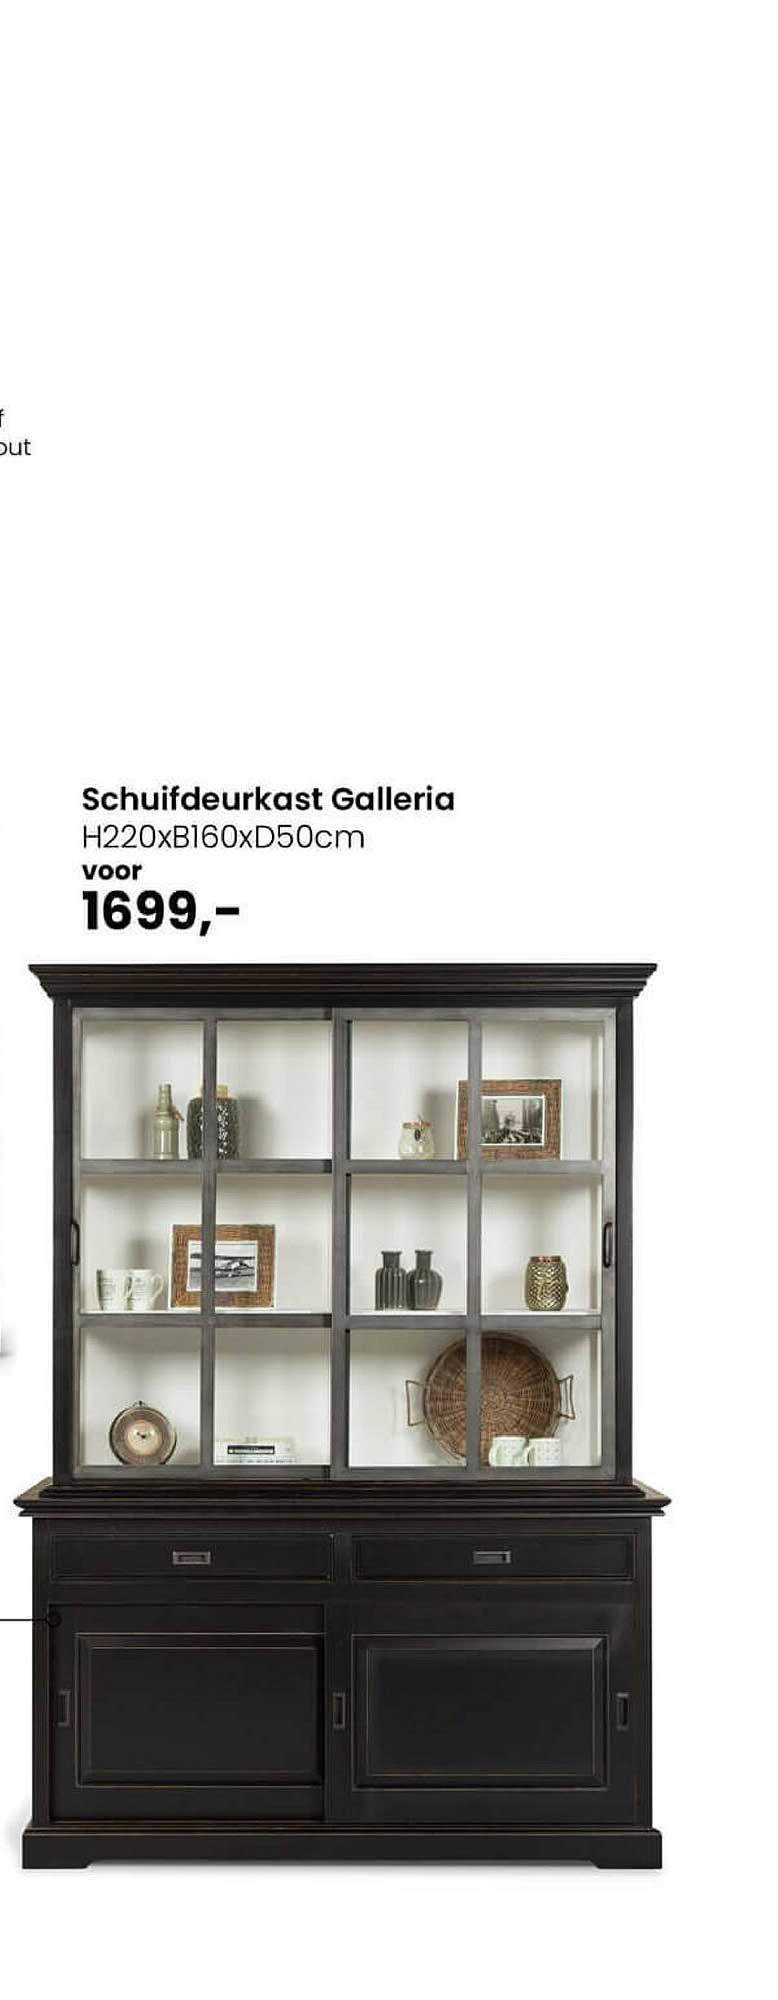 De Bommel Meubelen Schuifdeurkast Galleria